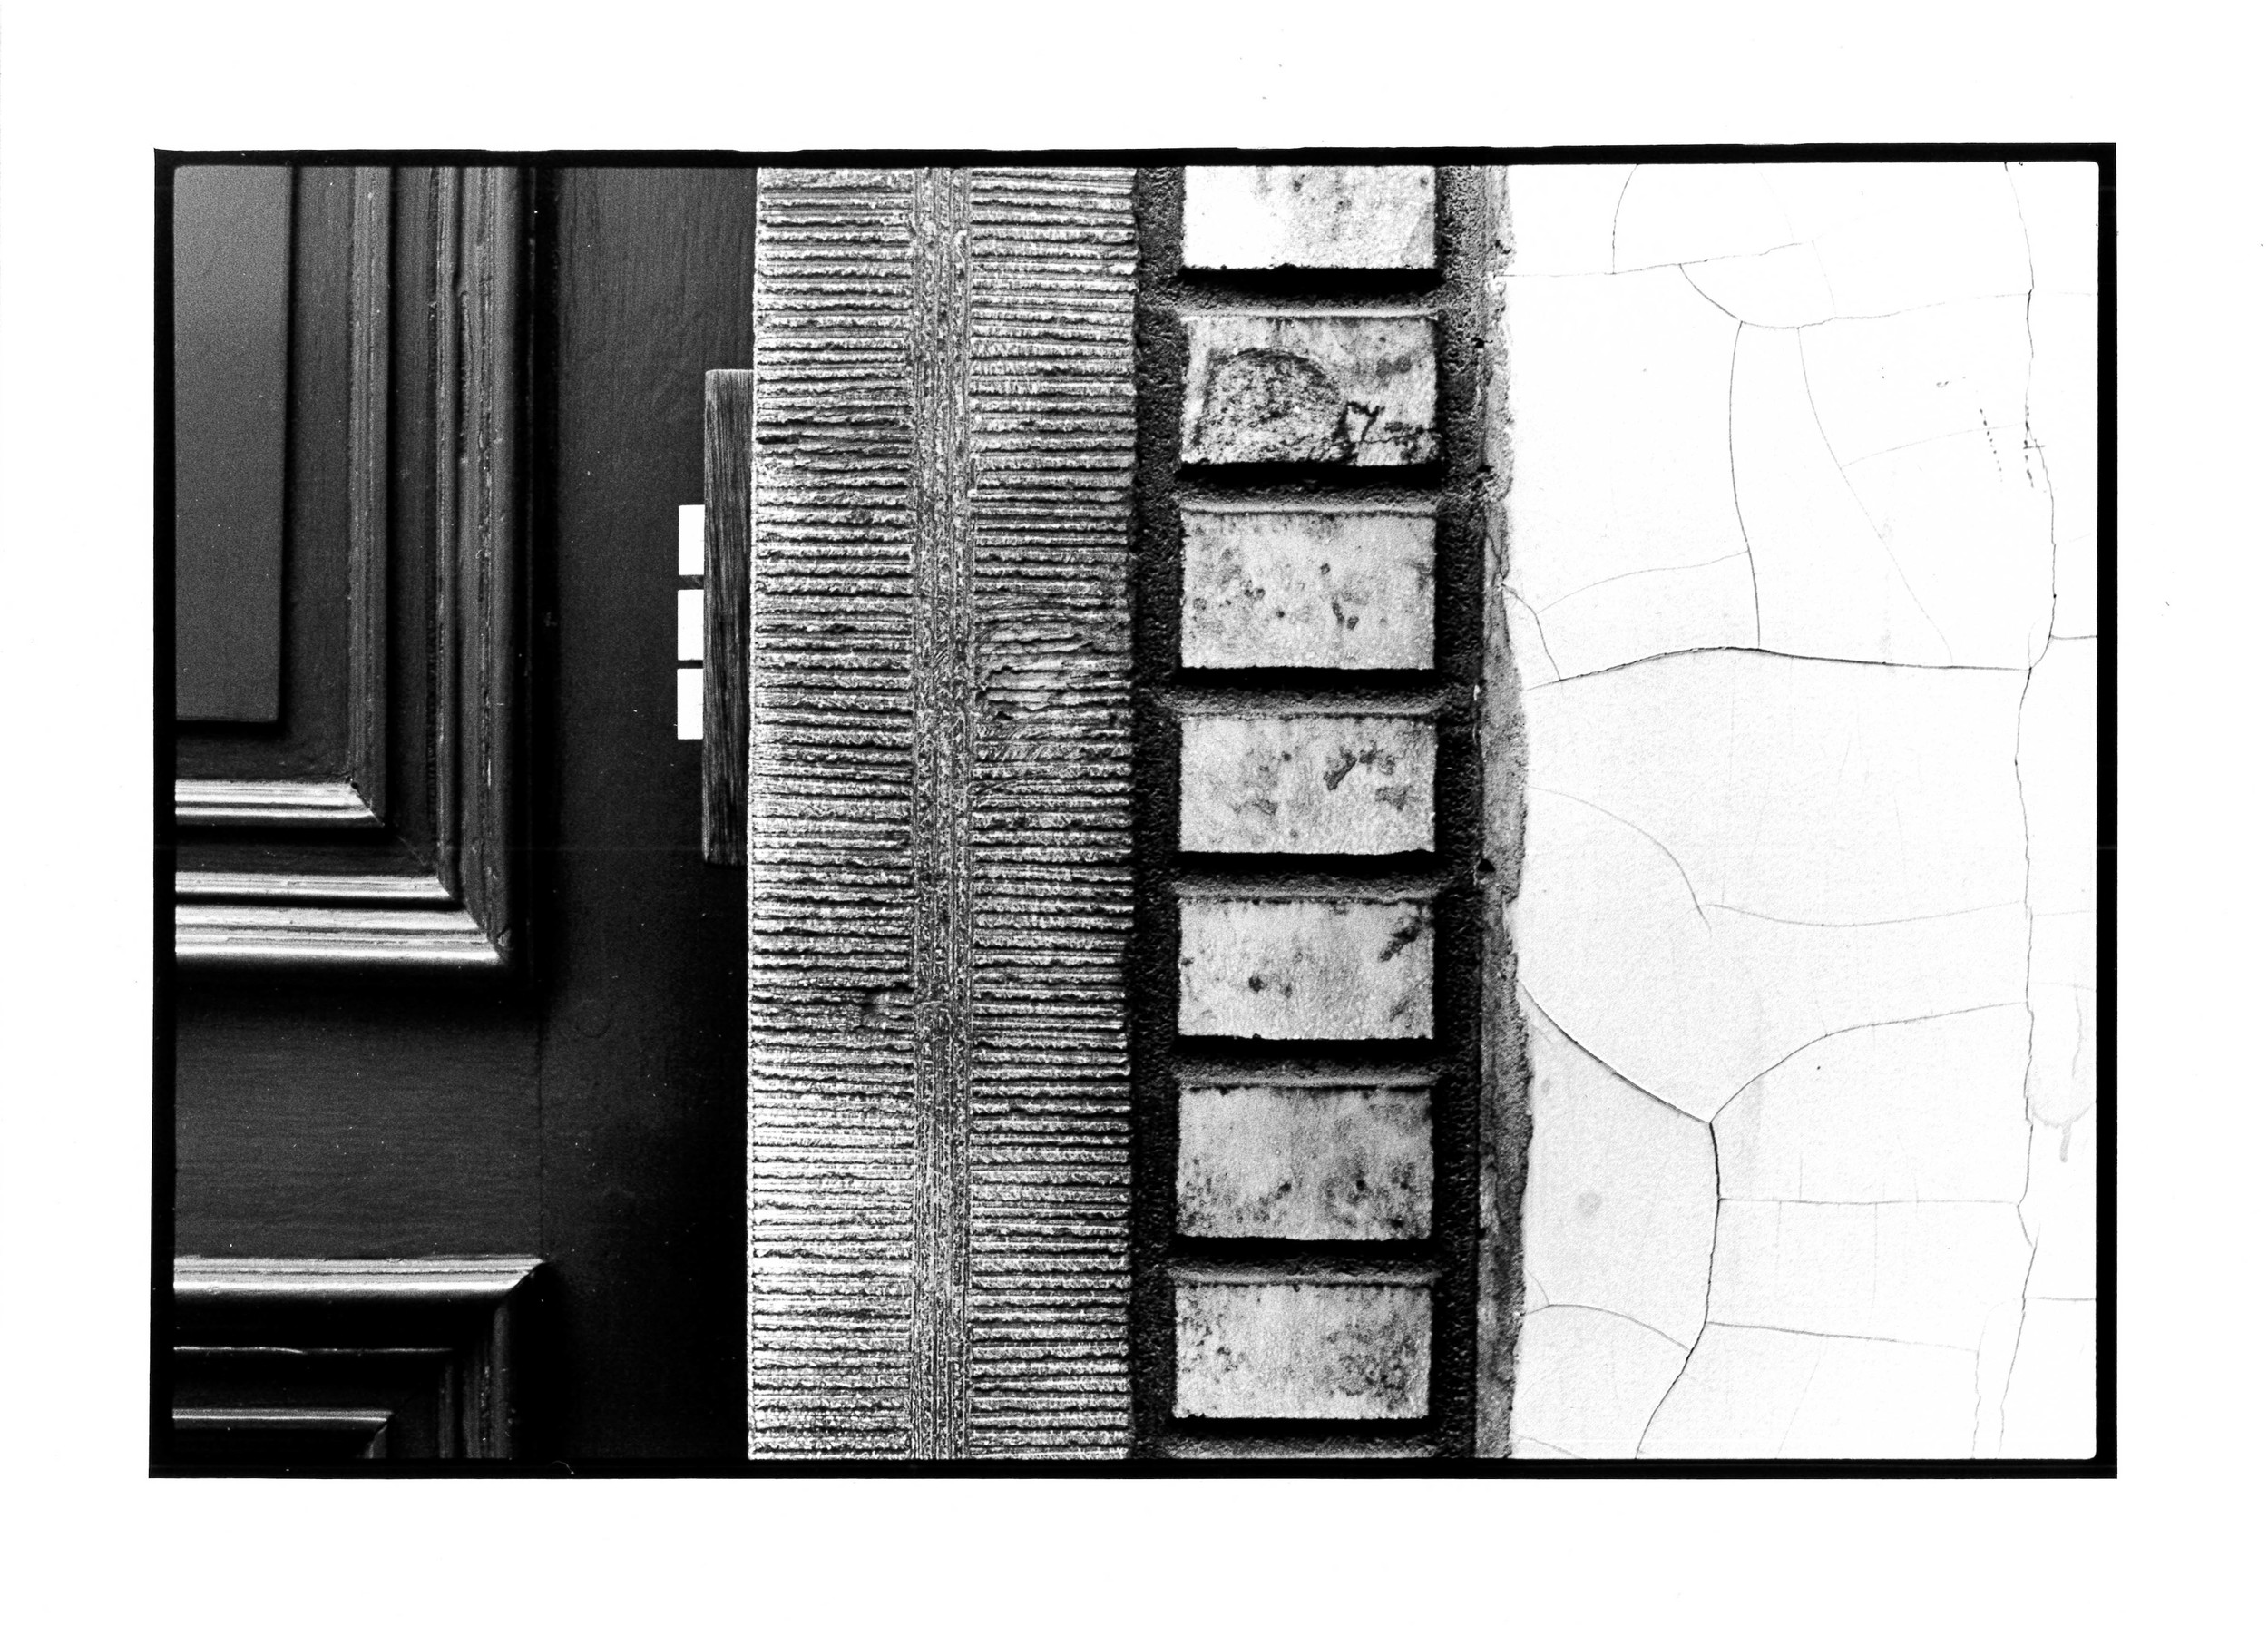 Suite, Bruxelles 2012 24x36 cm